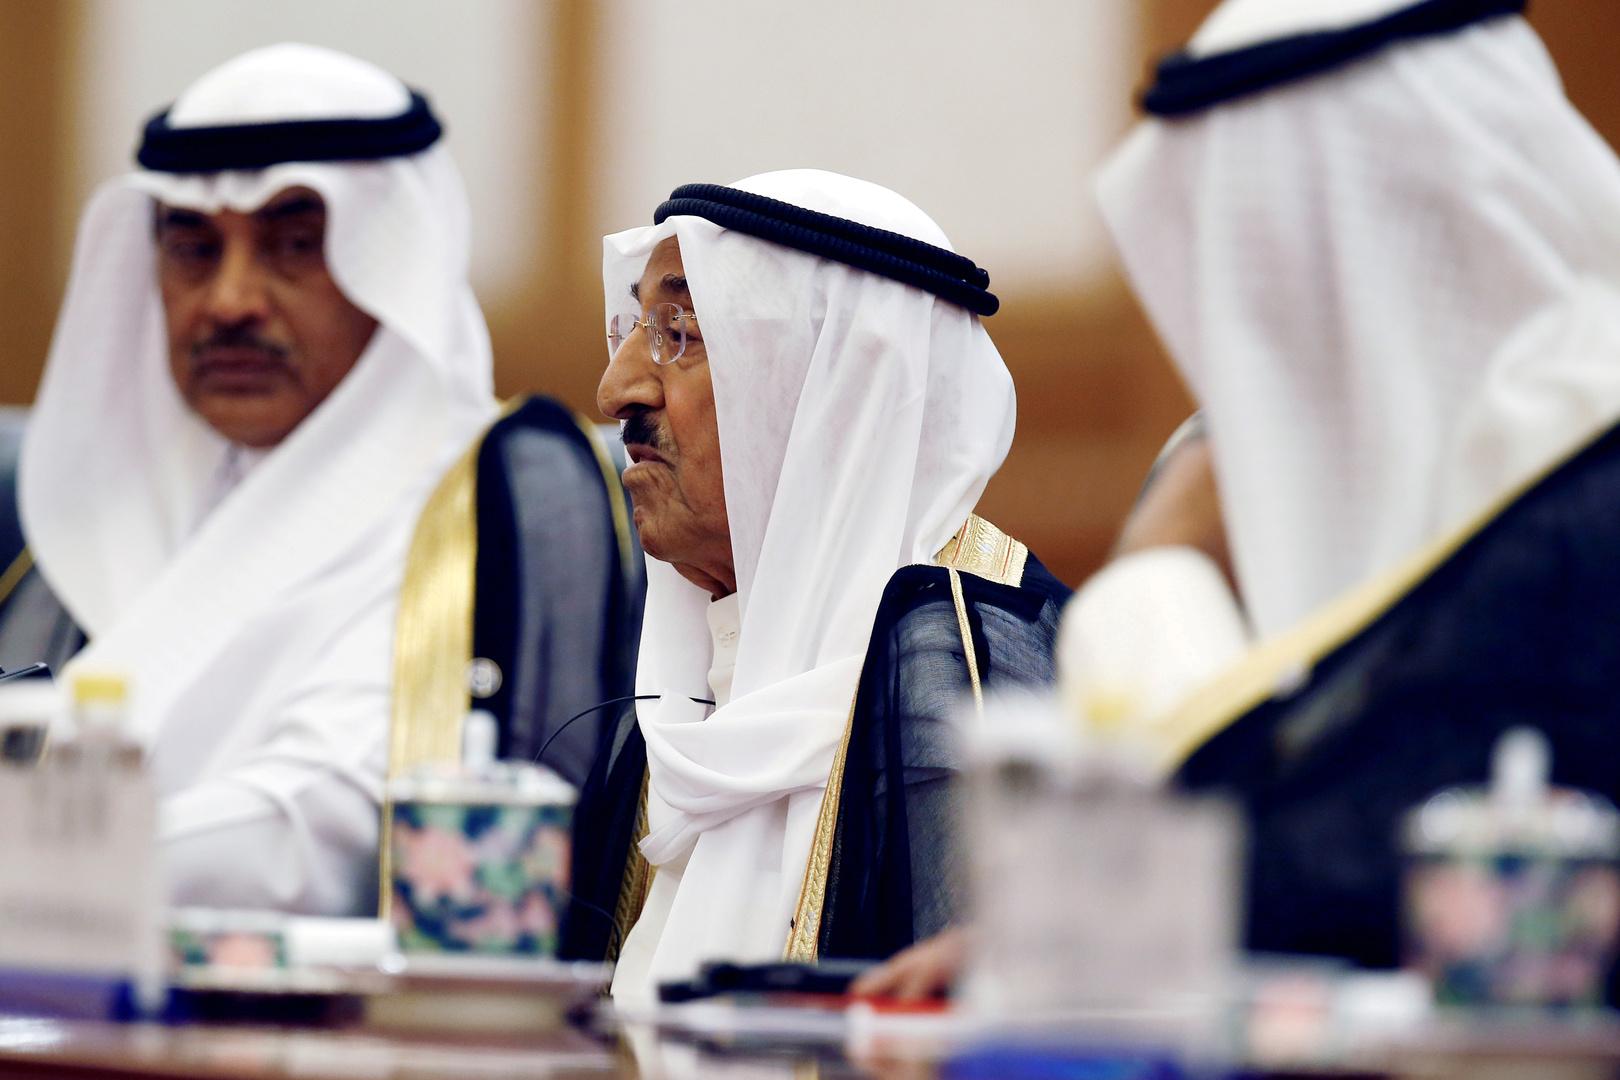 رئيس الوزراء الكويتي يطمئن الحكومة على صحة أمير البلاد